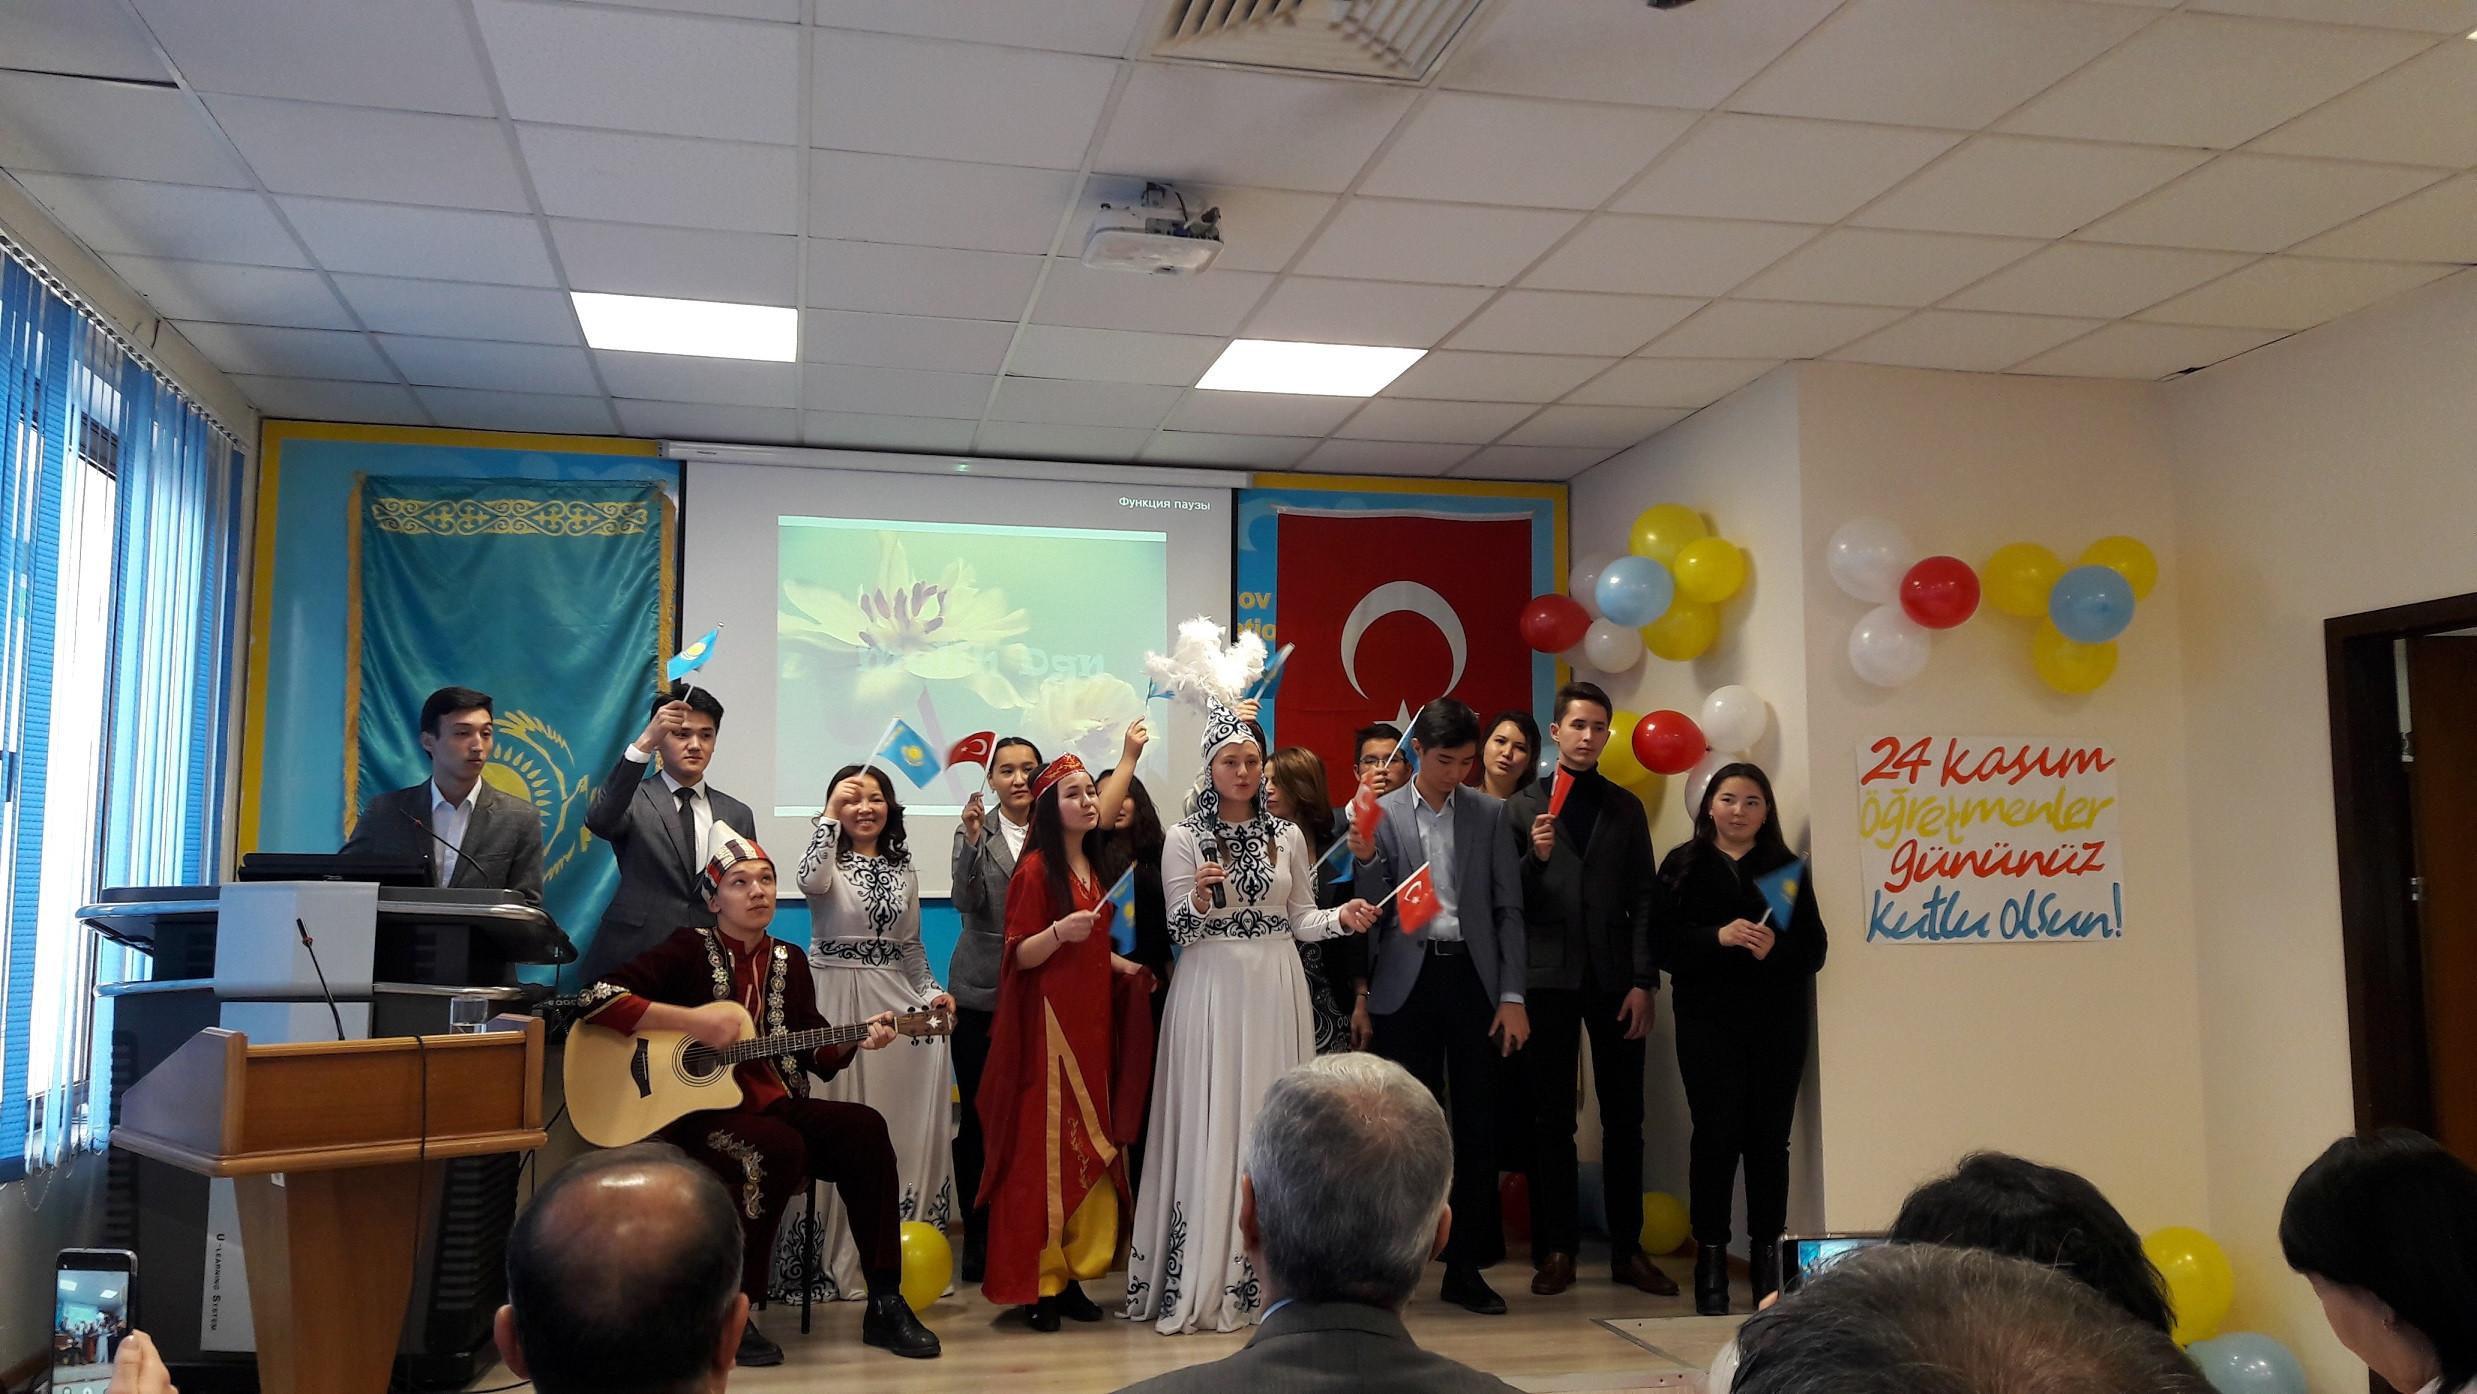 Teacher's Day in Turkey